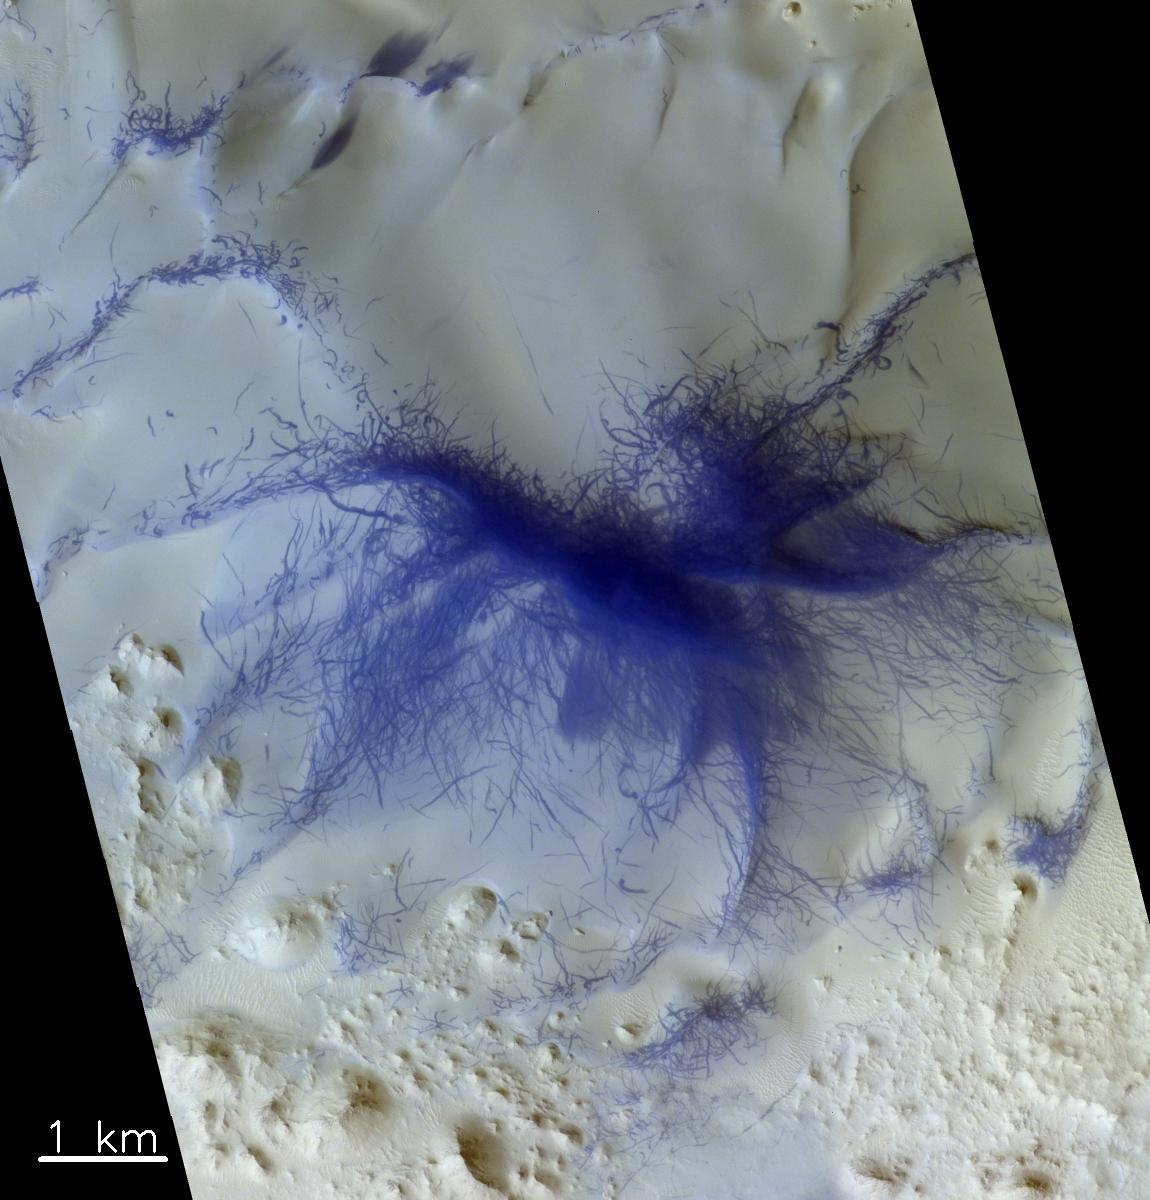 Aufnahme aus der Terra Sabaea-Region westlich des Augakuh Vallis. Mehrere Grate sind mit Strichen bedeckt. Diese sind höchstwahrscheinlich Spuren von Staubteufeln (Luftwirbeln). Die blaue Färbung macht Strukturen auf der roten Marsoberfläche sichtbarer – in Echtfarbe wären die Striche dunkelrot. © ESA/Roscosmos/CaSSIS